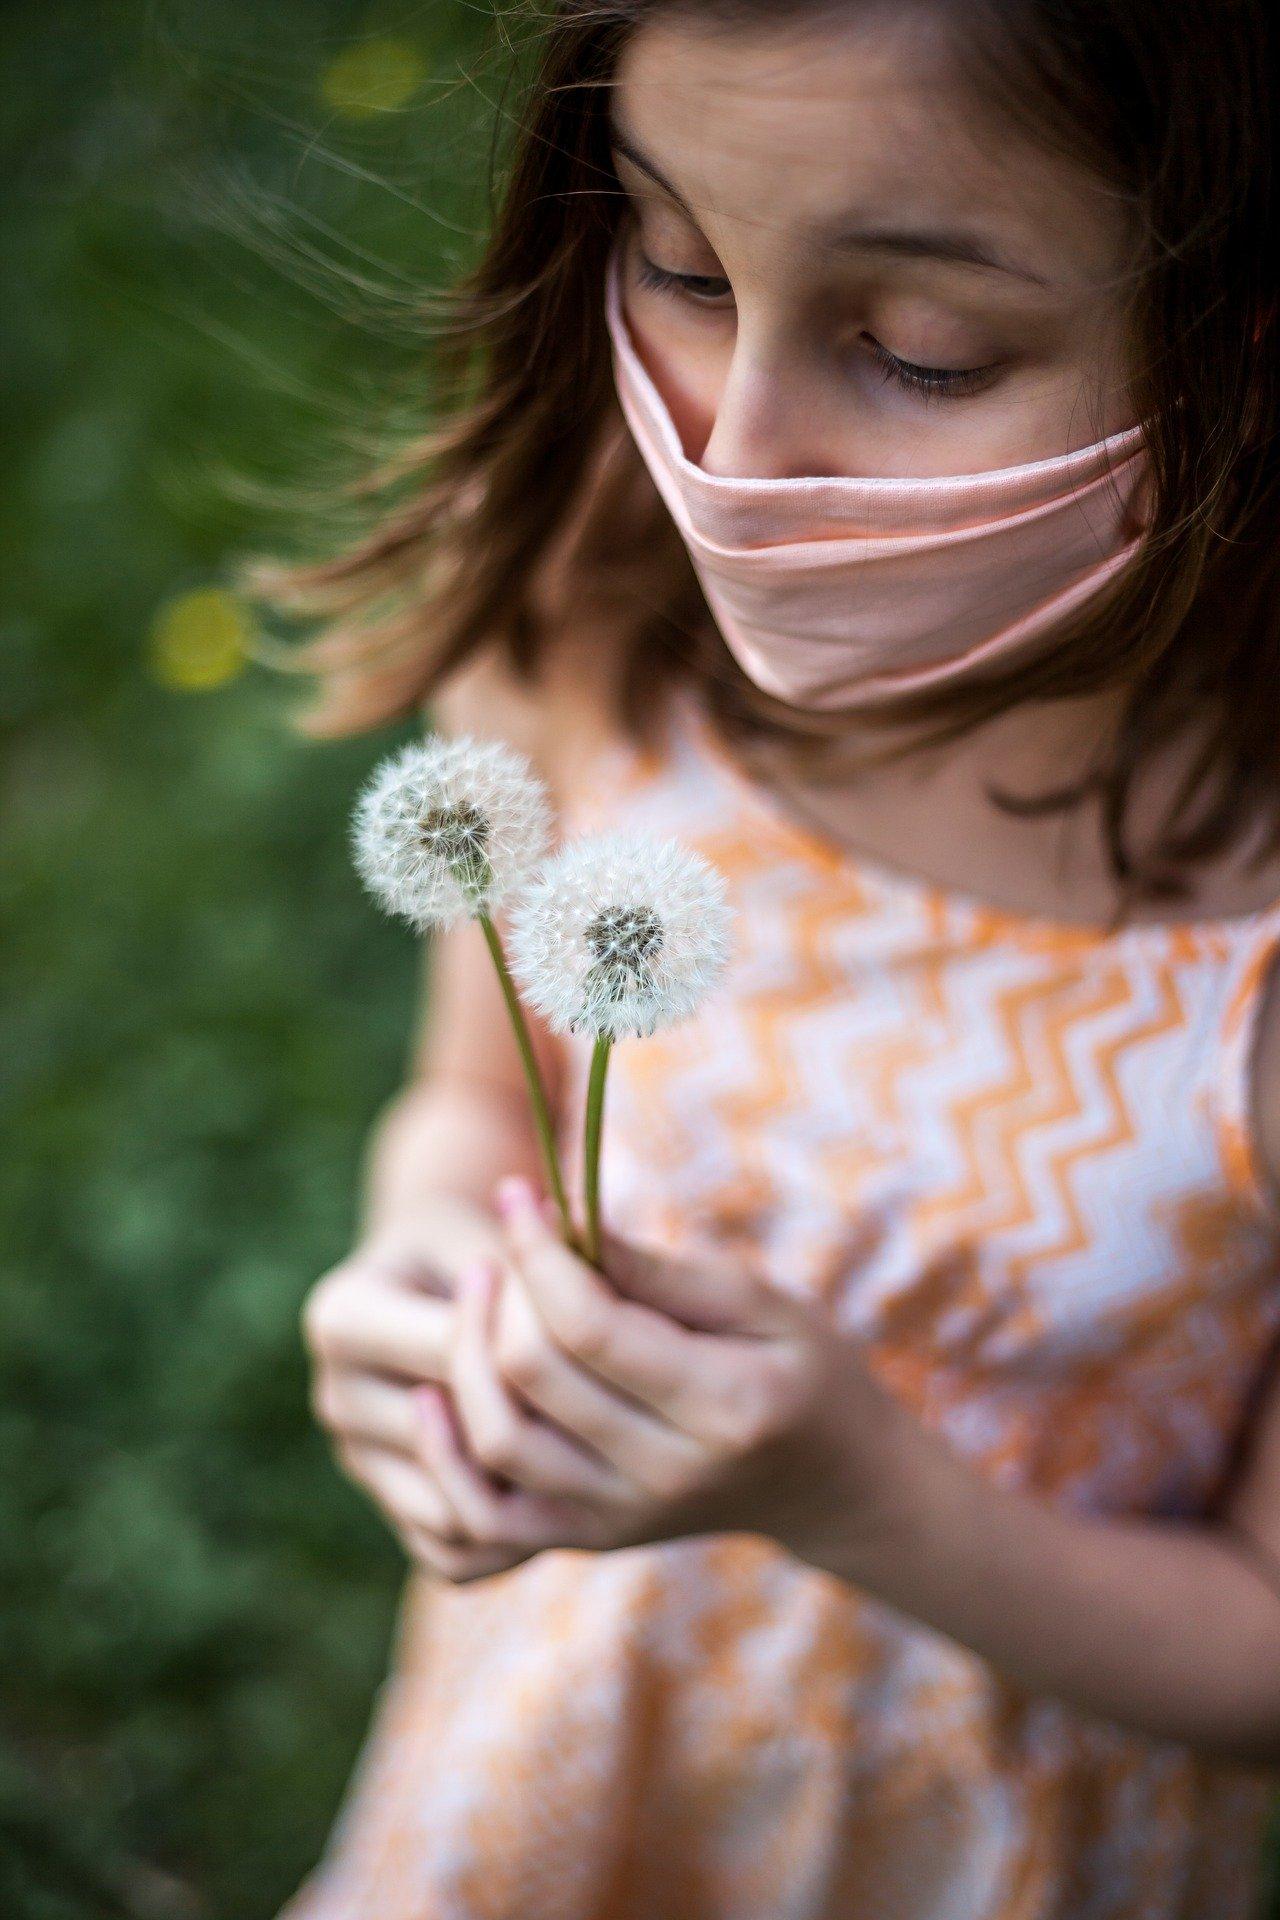 ¿Cómo ha afectado la pandemia al cuidado de los hijos